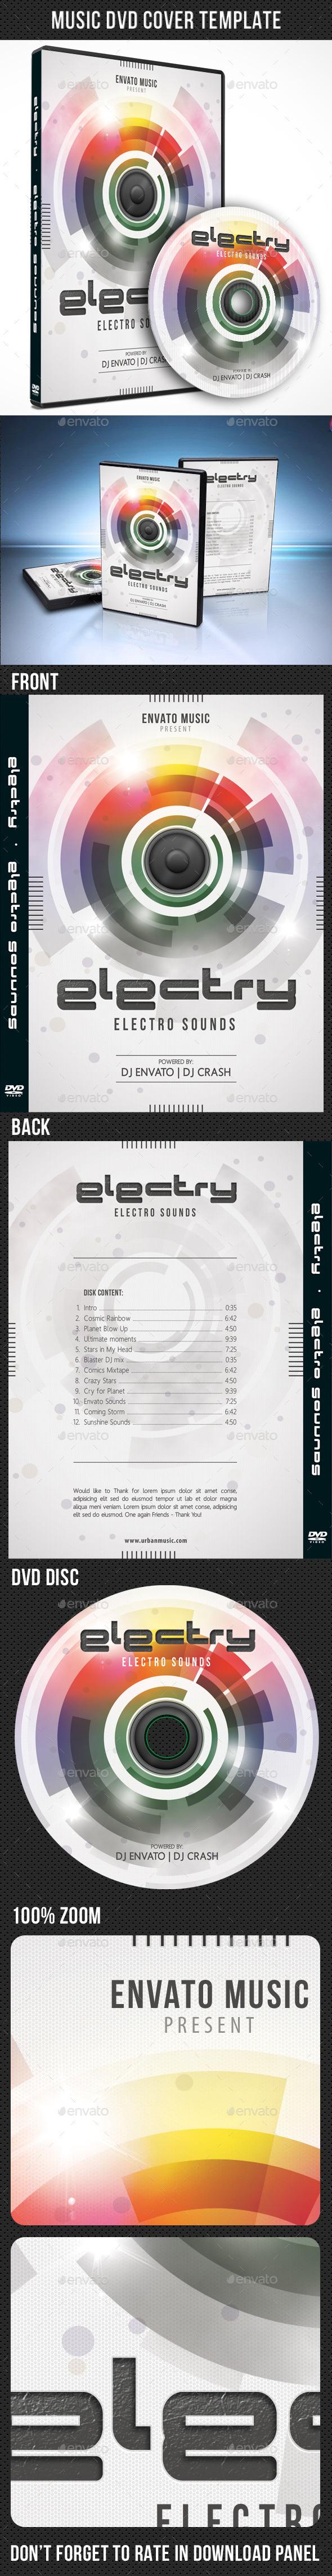 Music DVD Cover Template V10 - CD & DVD Artwork Print Templates